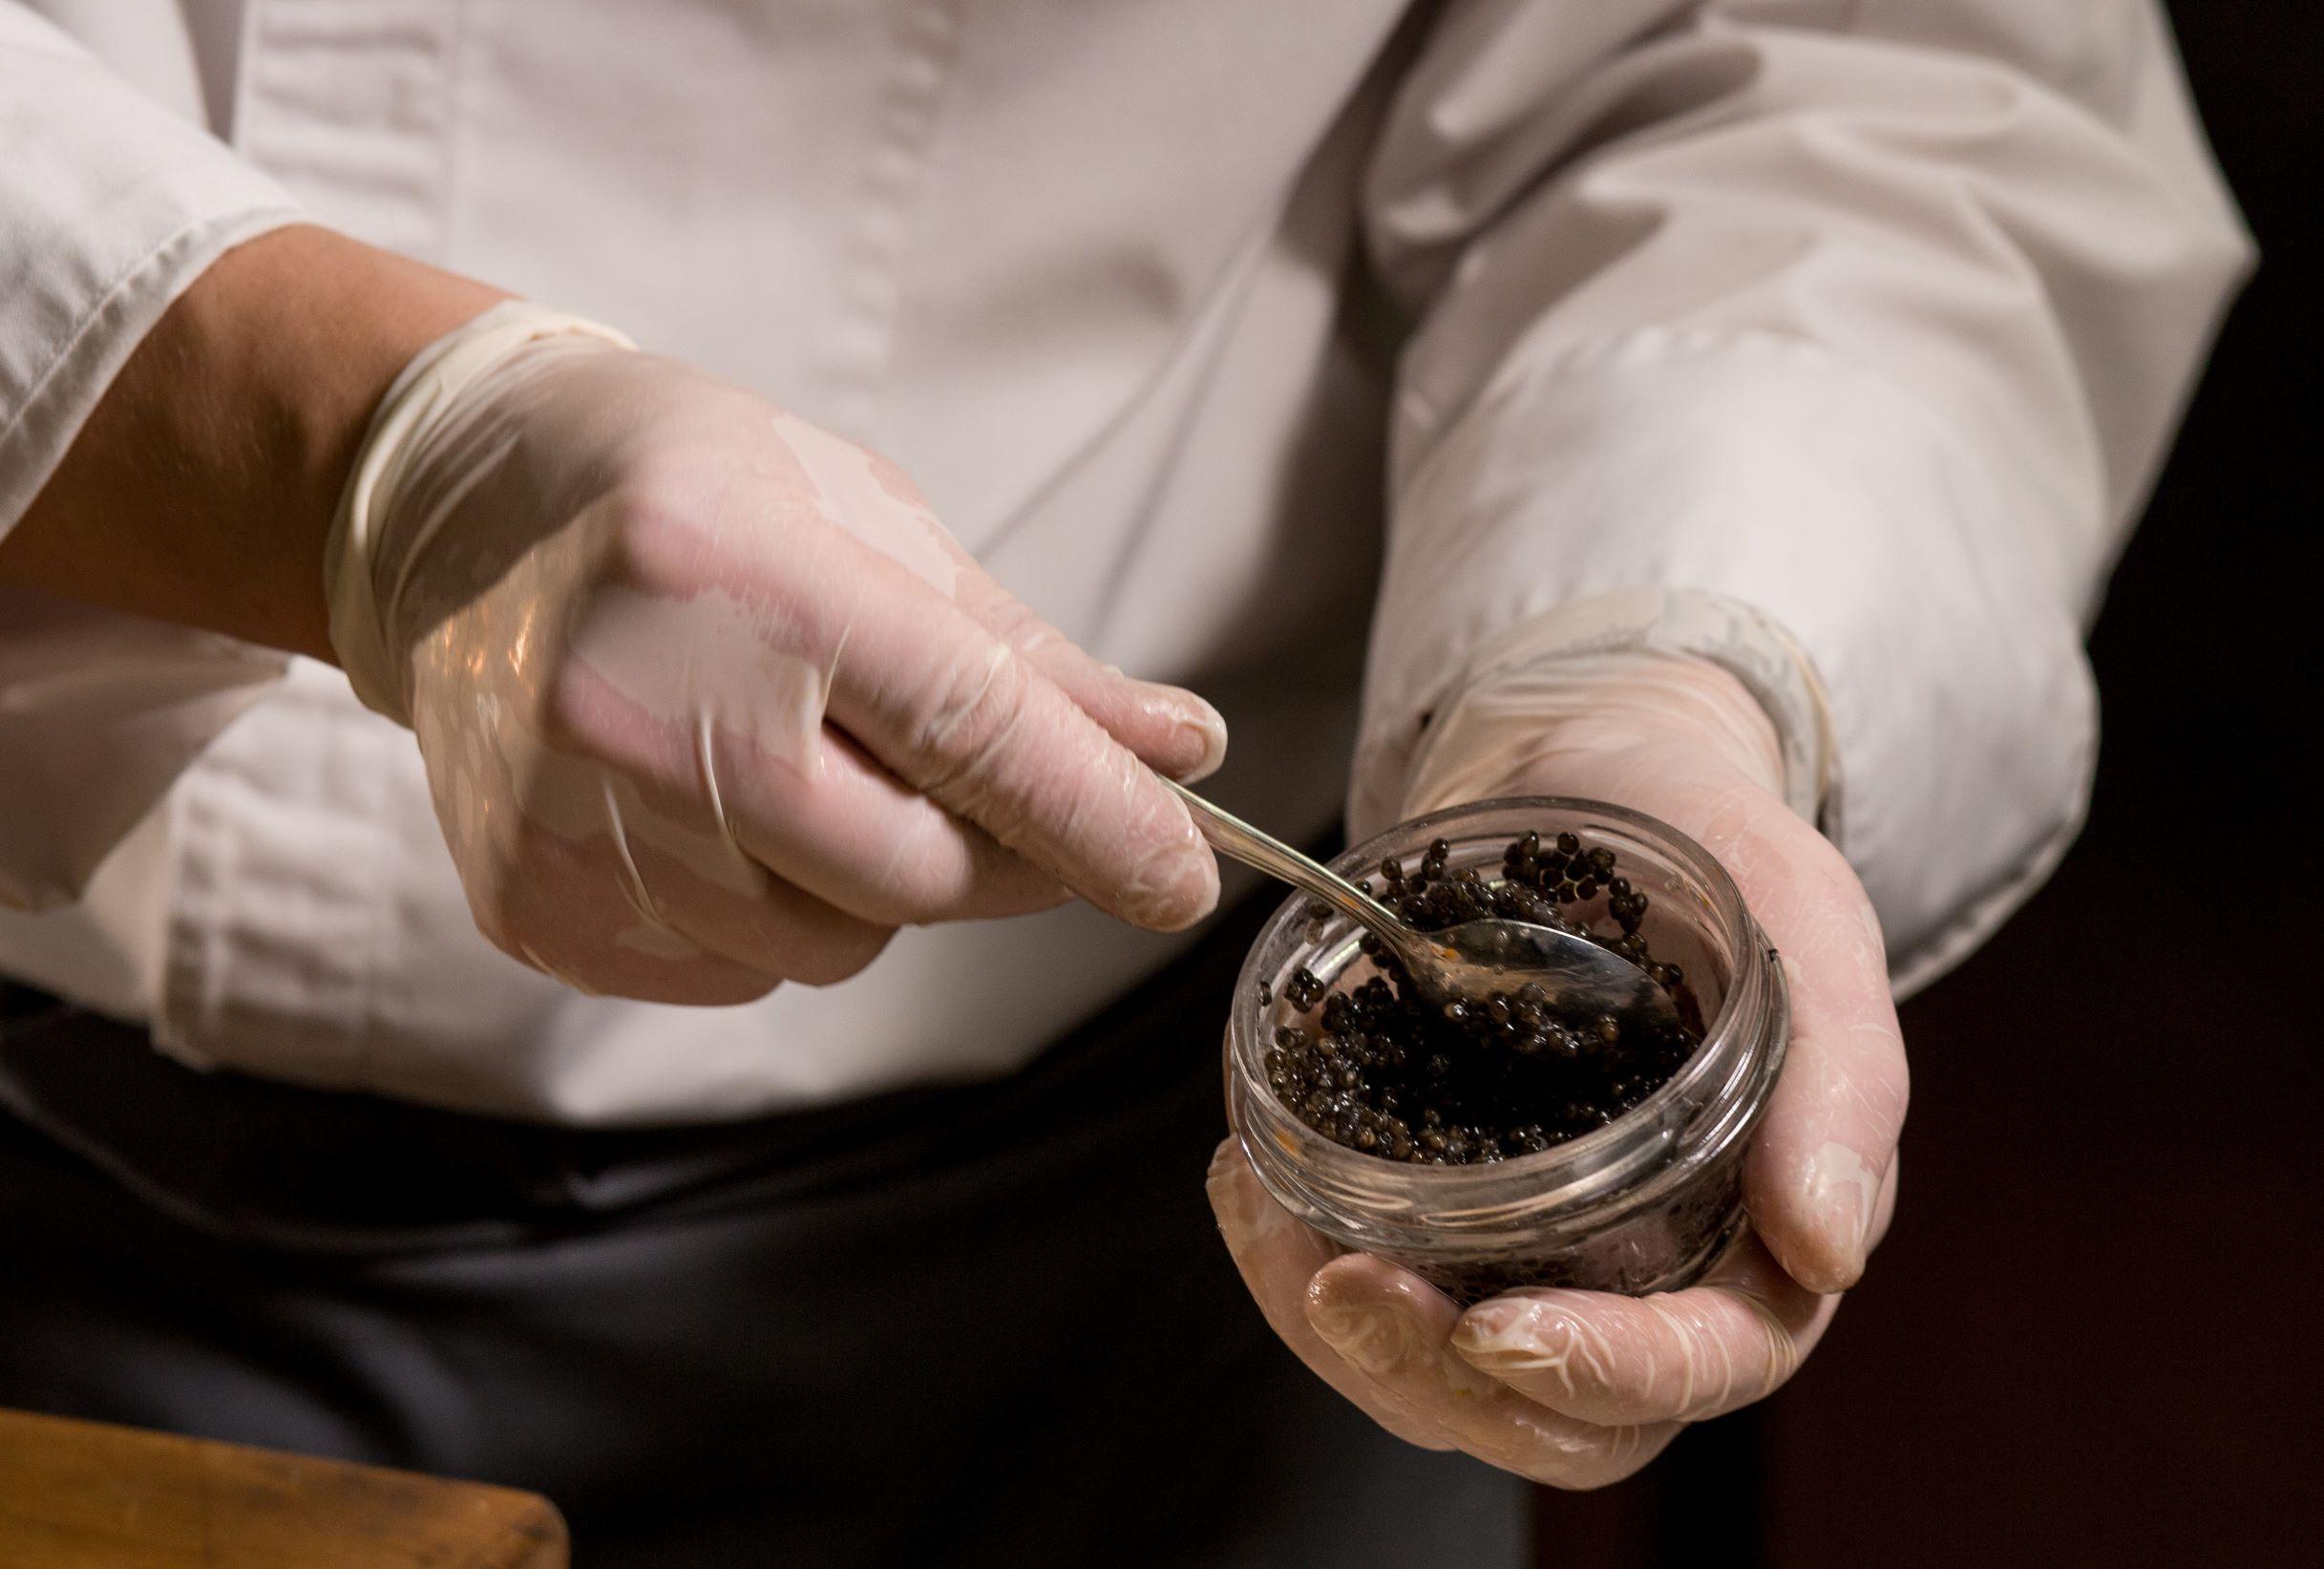 Эксперт берет образец черной икры для анализа, исследования.